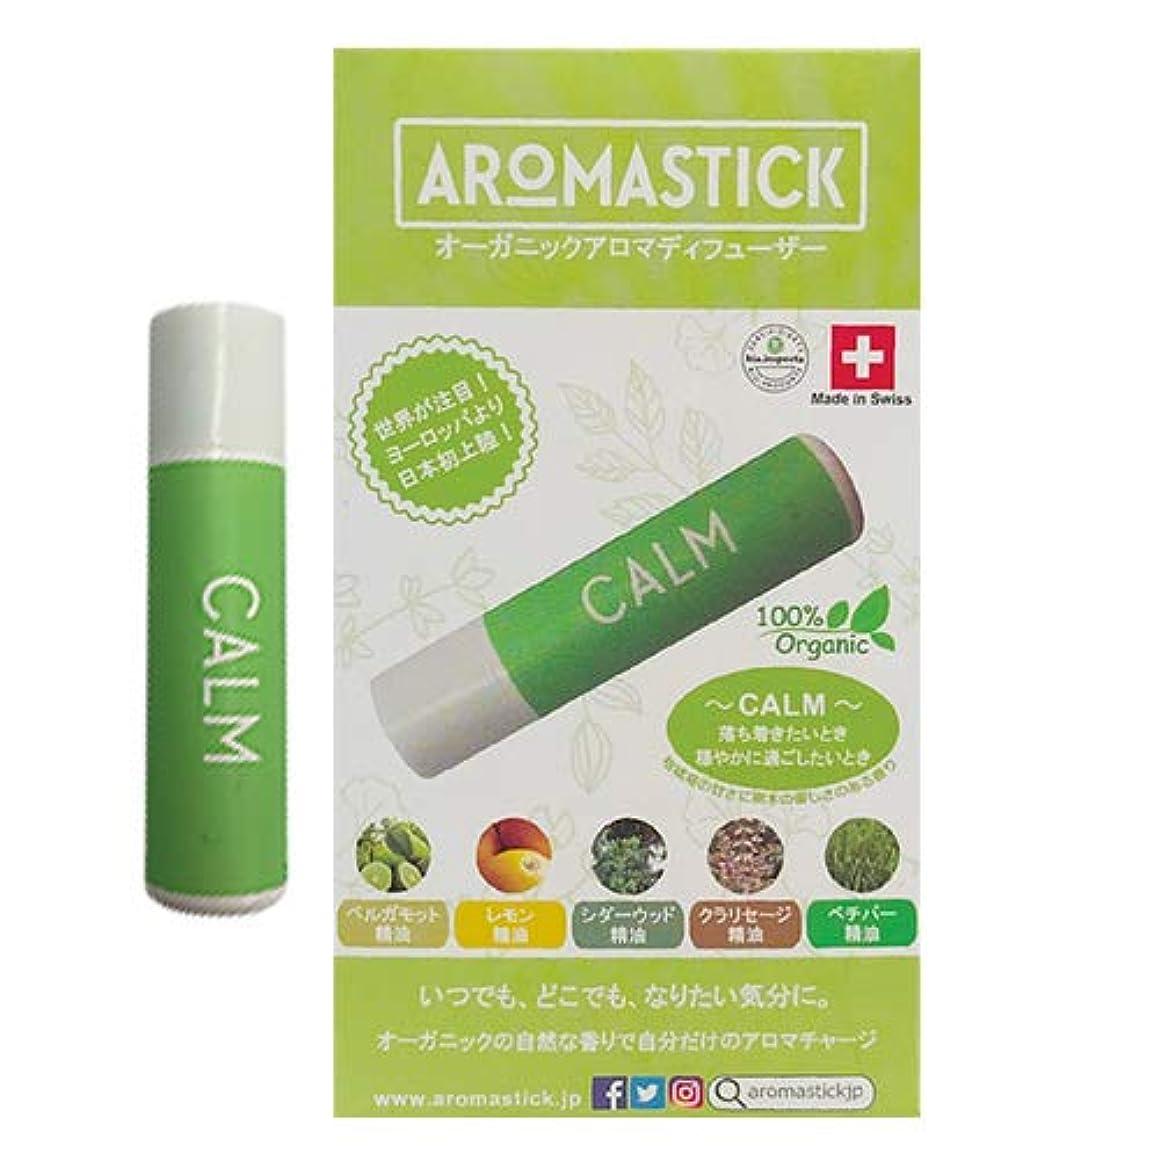 見てスタイル適度なオーガニックアロマディフューザー アロマスティック(aromastick) カーム [CALM]